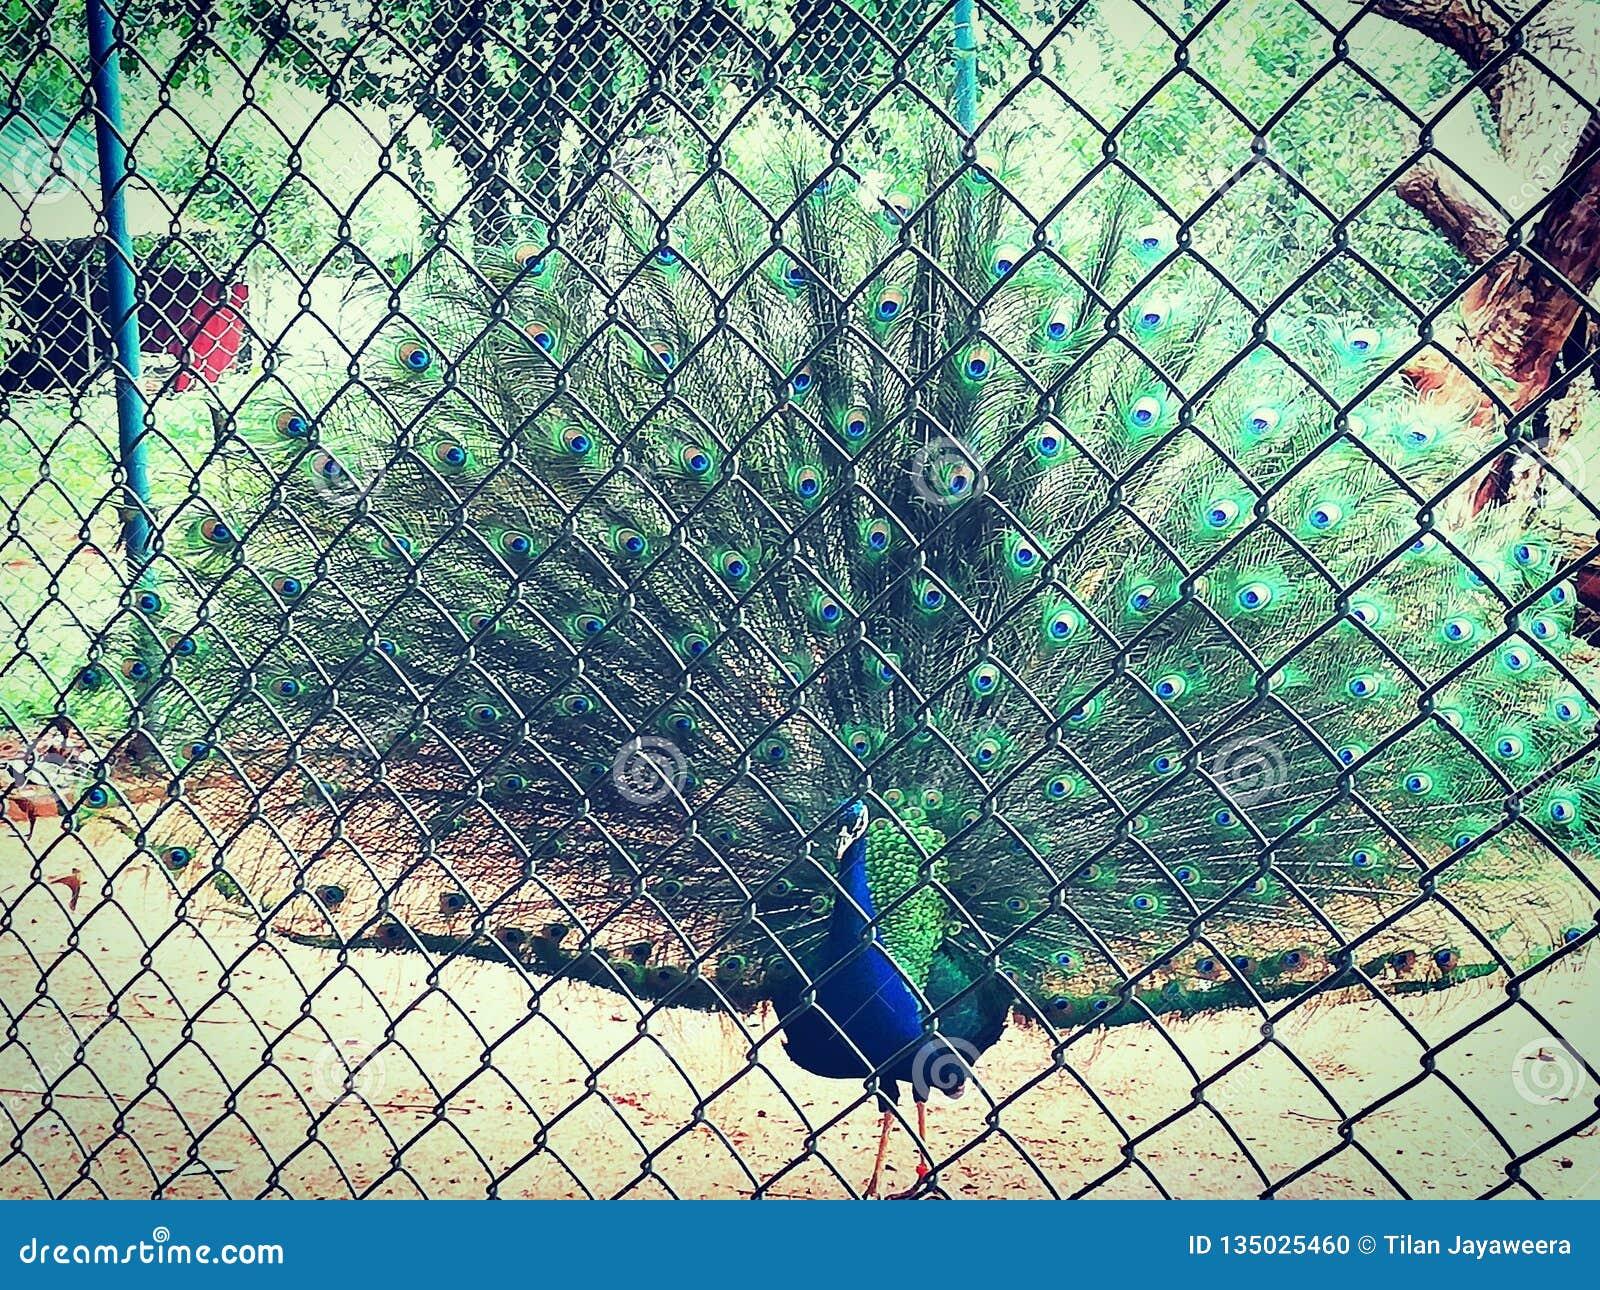 Srilankan peacock